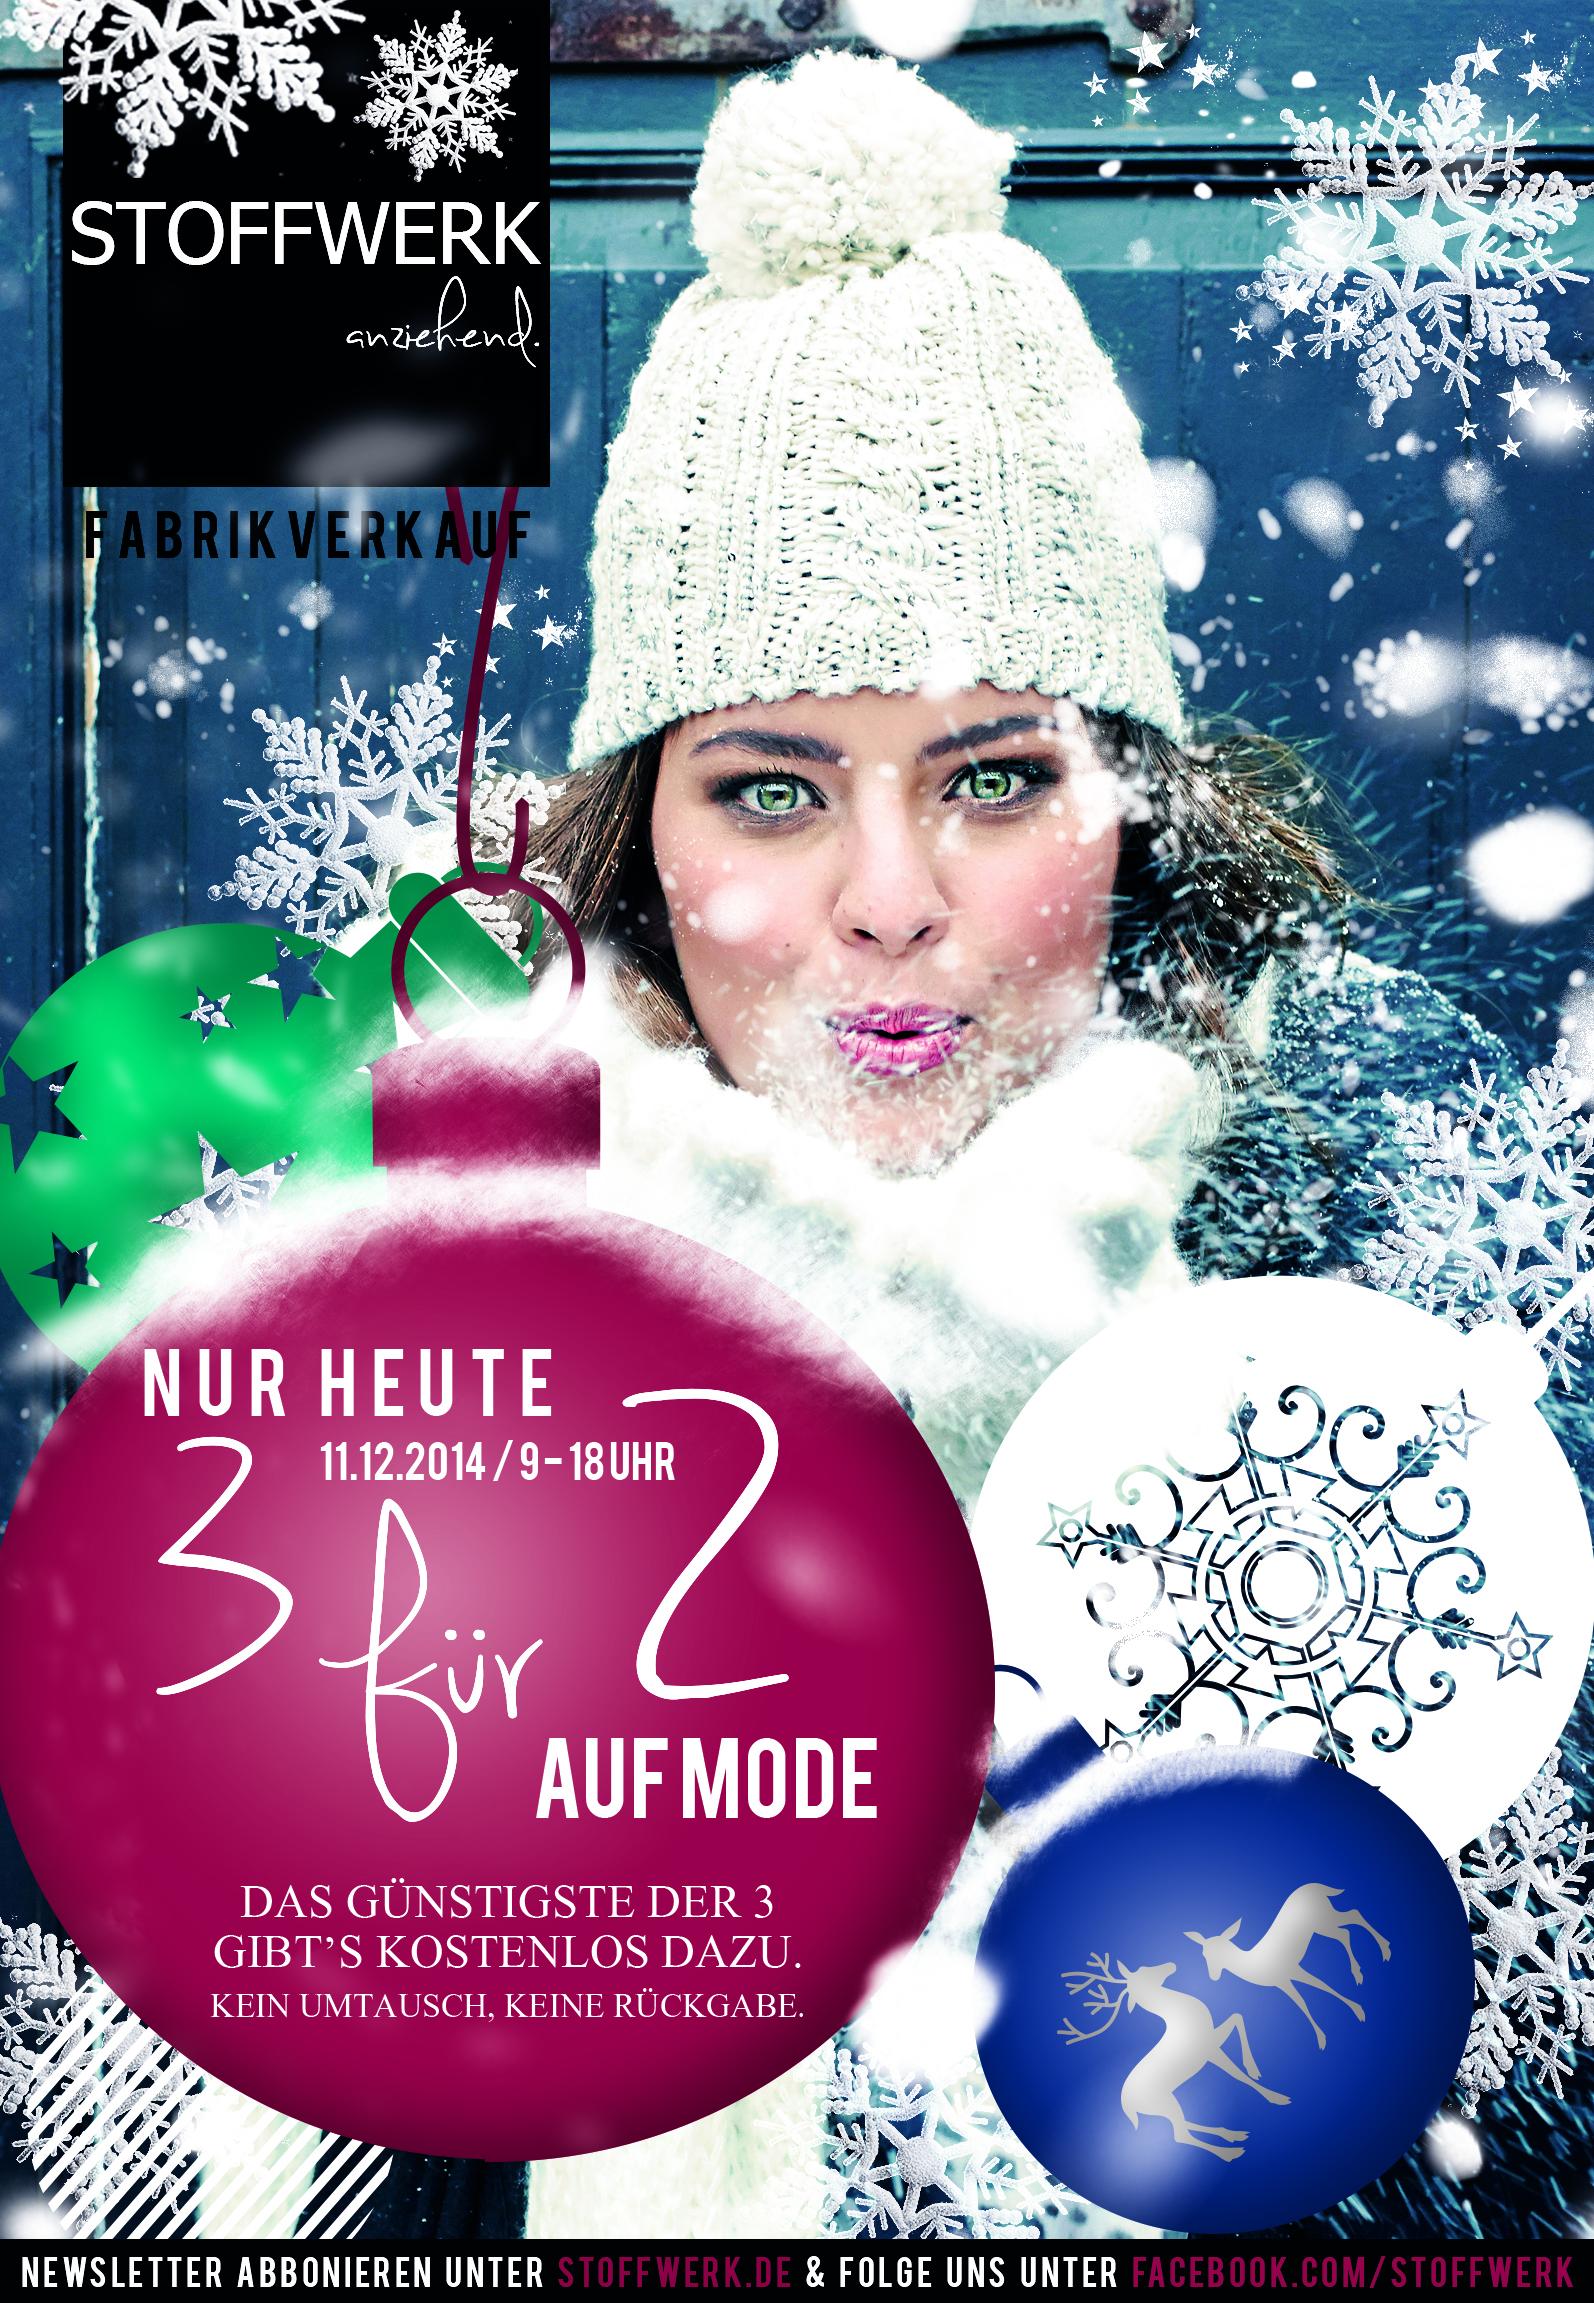 3 für 2 / JETZT / nur heute / Do. 11.12.2014 bis 18 Uhr